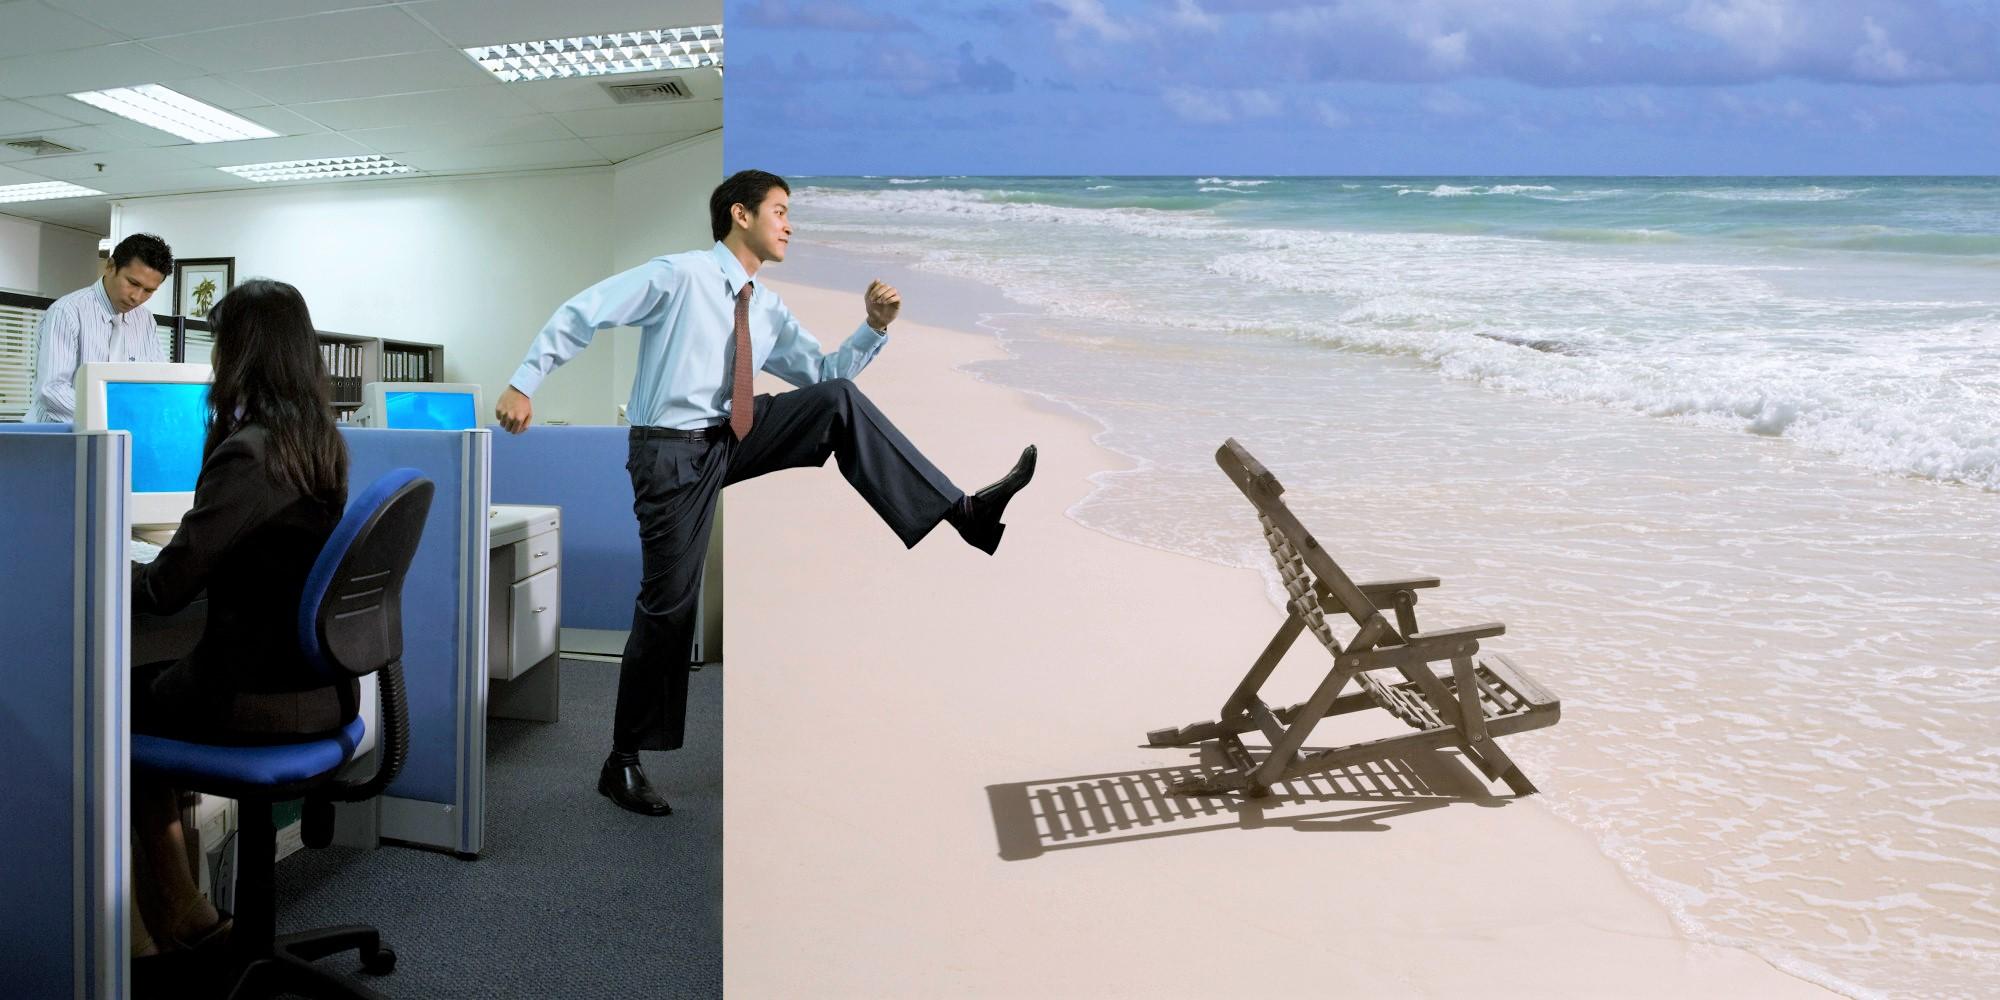 На работе перед отпуском смешные картинки